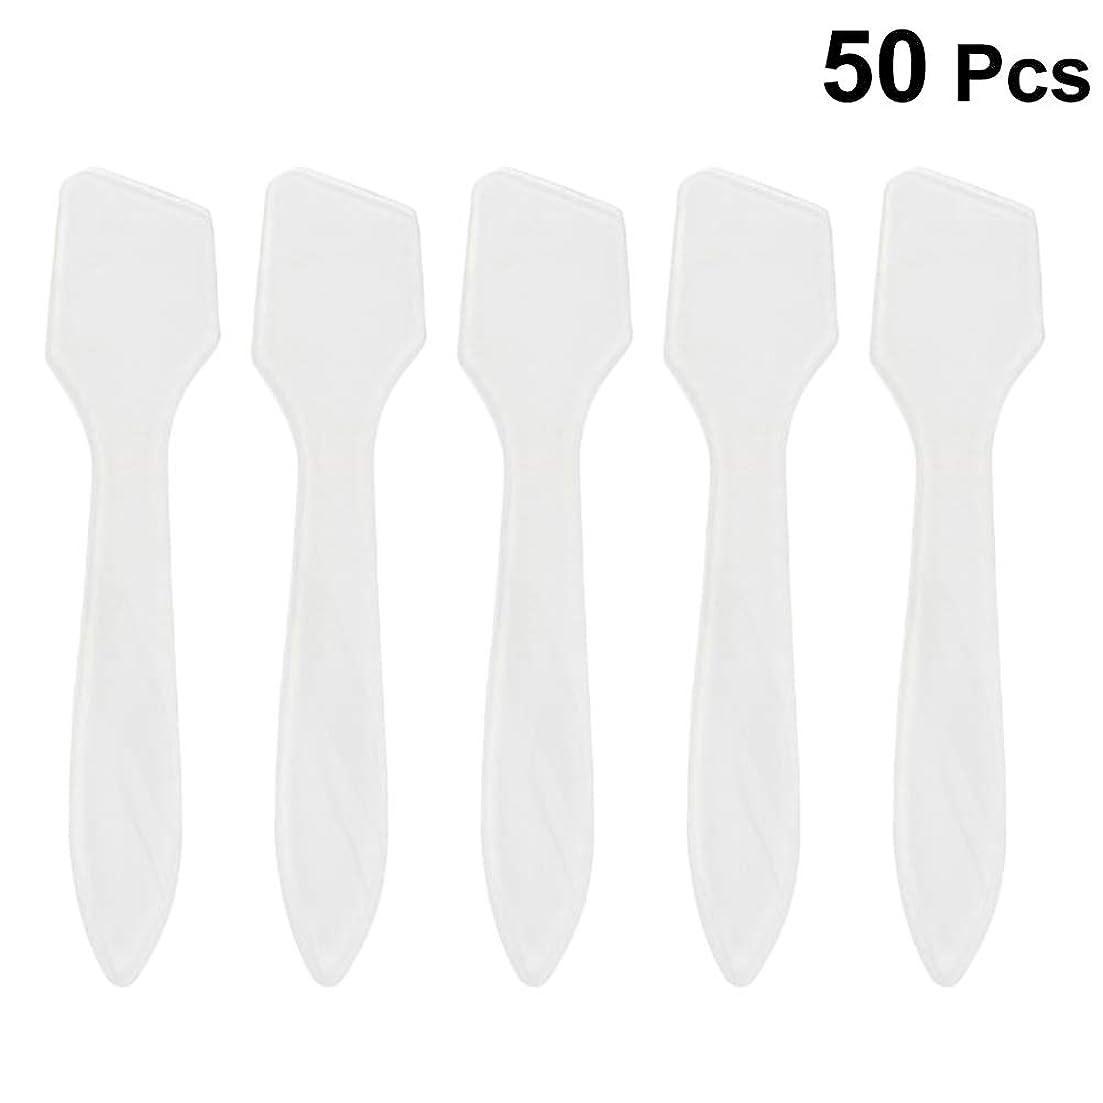 扱うロードハウスインサートSUPVOX 50ピース化粧品スキンケアフェイスクリームマスク混合ヘラアプリケータツール